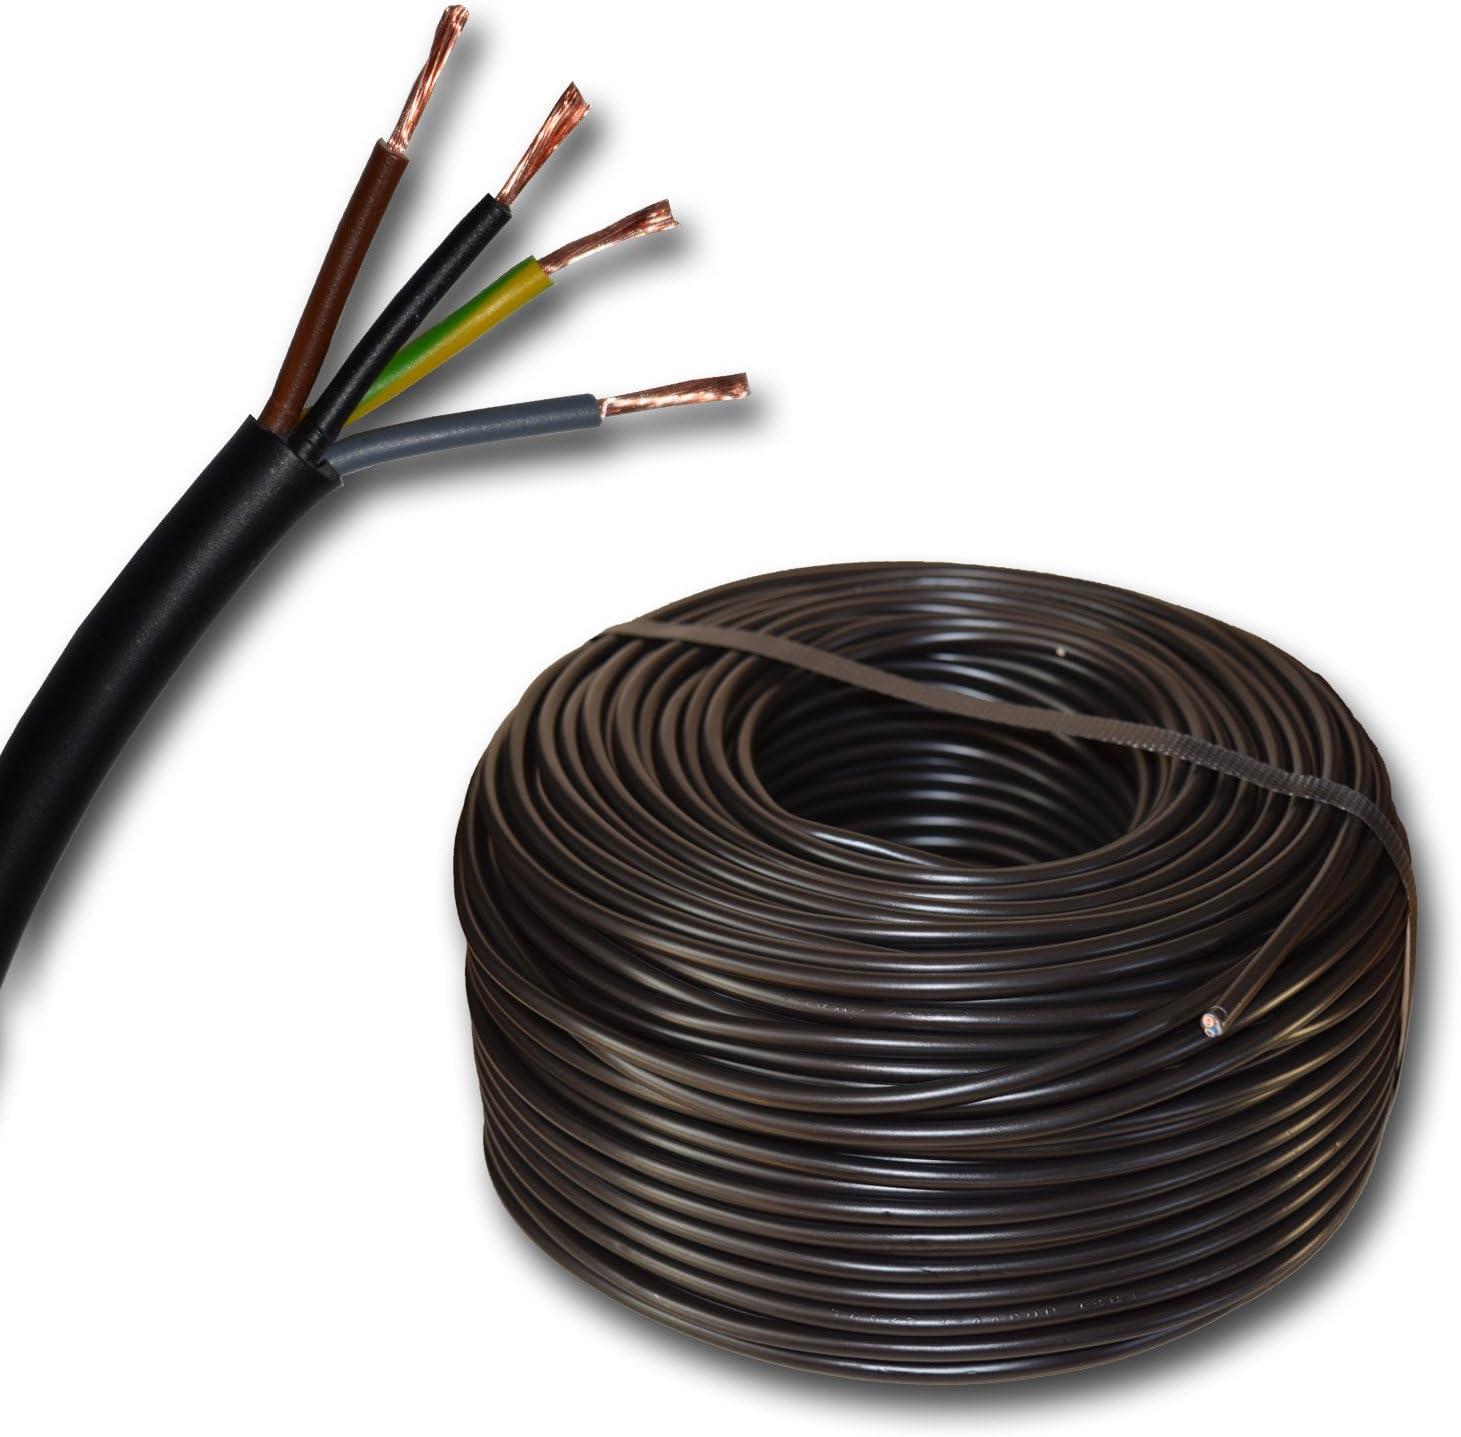 fino a 250 m in 5 metri. Tubo flessibile rotondo in plastica con cavo LED H03VV-F 4 x 0,75 mm2 mm2 4G0,75 Colore: nero 10 m//15 m//20 m//25 m//30 m//35 m//40 m//45 m//50 m//55 m//60 m ecc